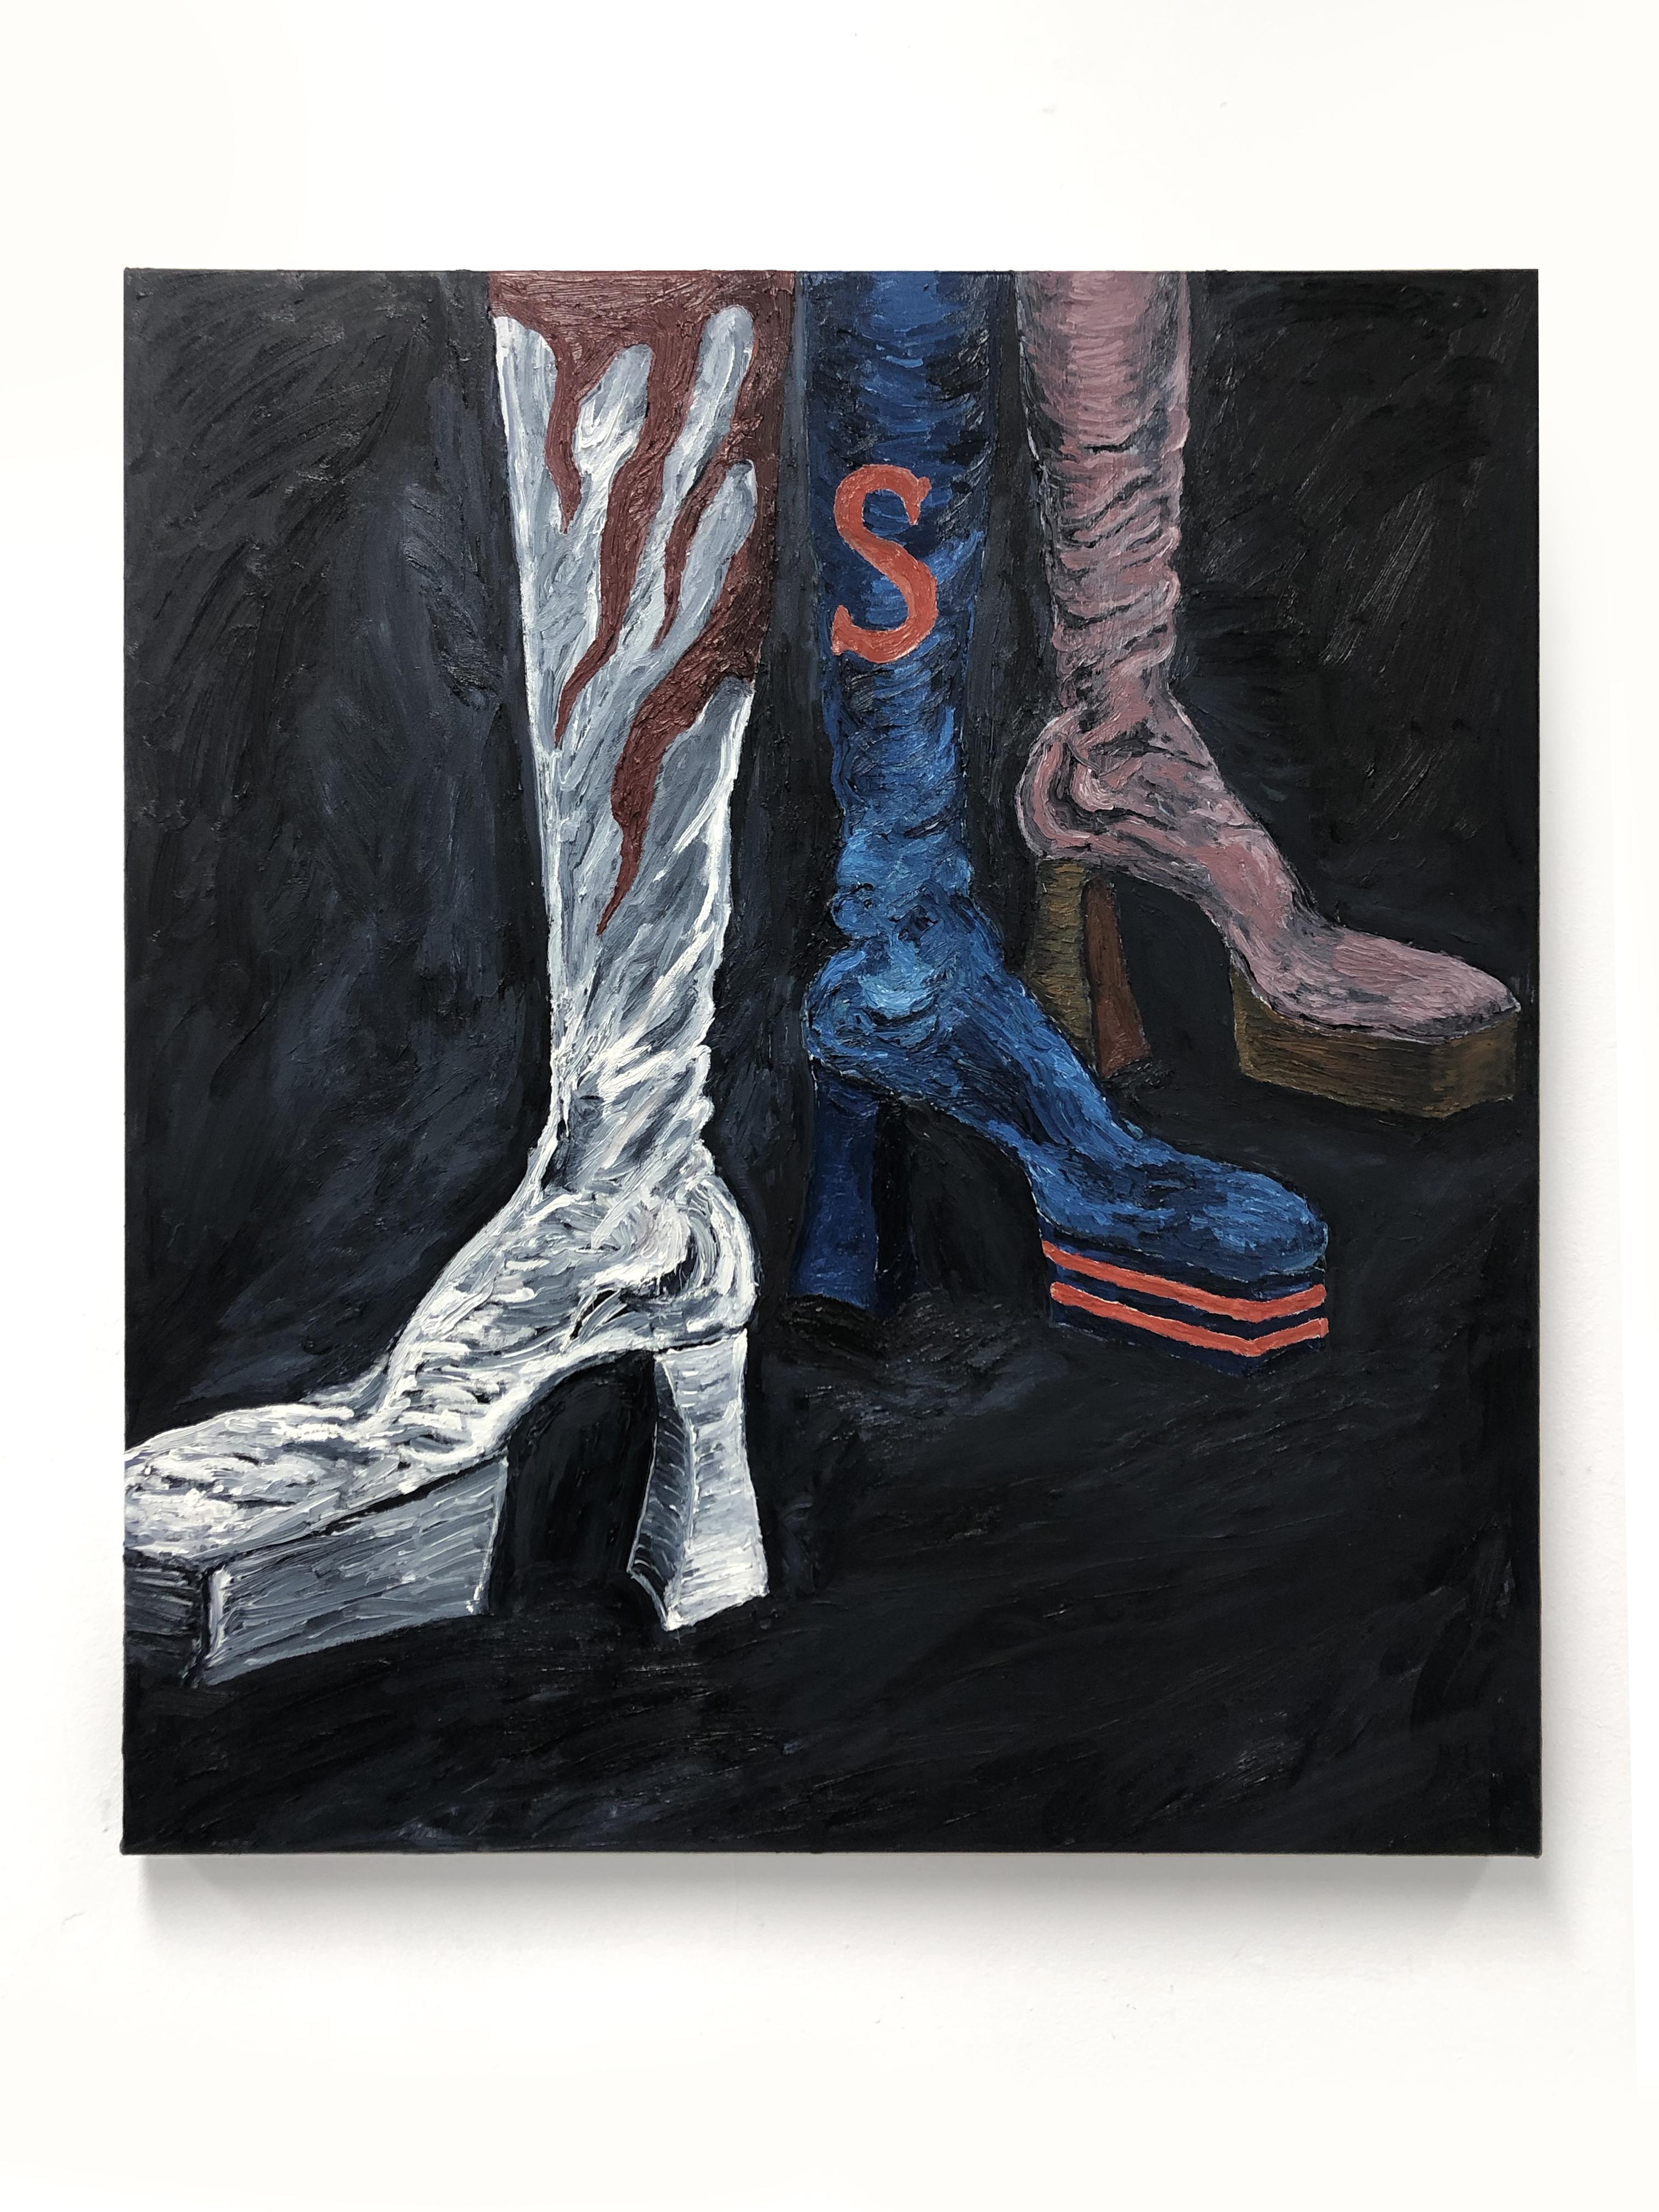 Stevie Dix.<em> Résistance</em>, 2019. Oil on canvas, 39 3/8 x 35 3/8 inches (100 x 90 cm)